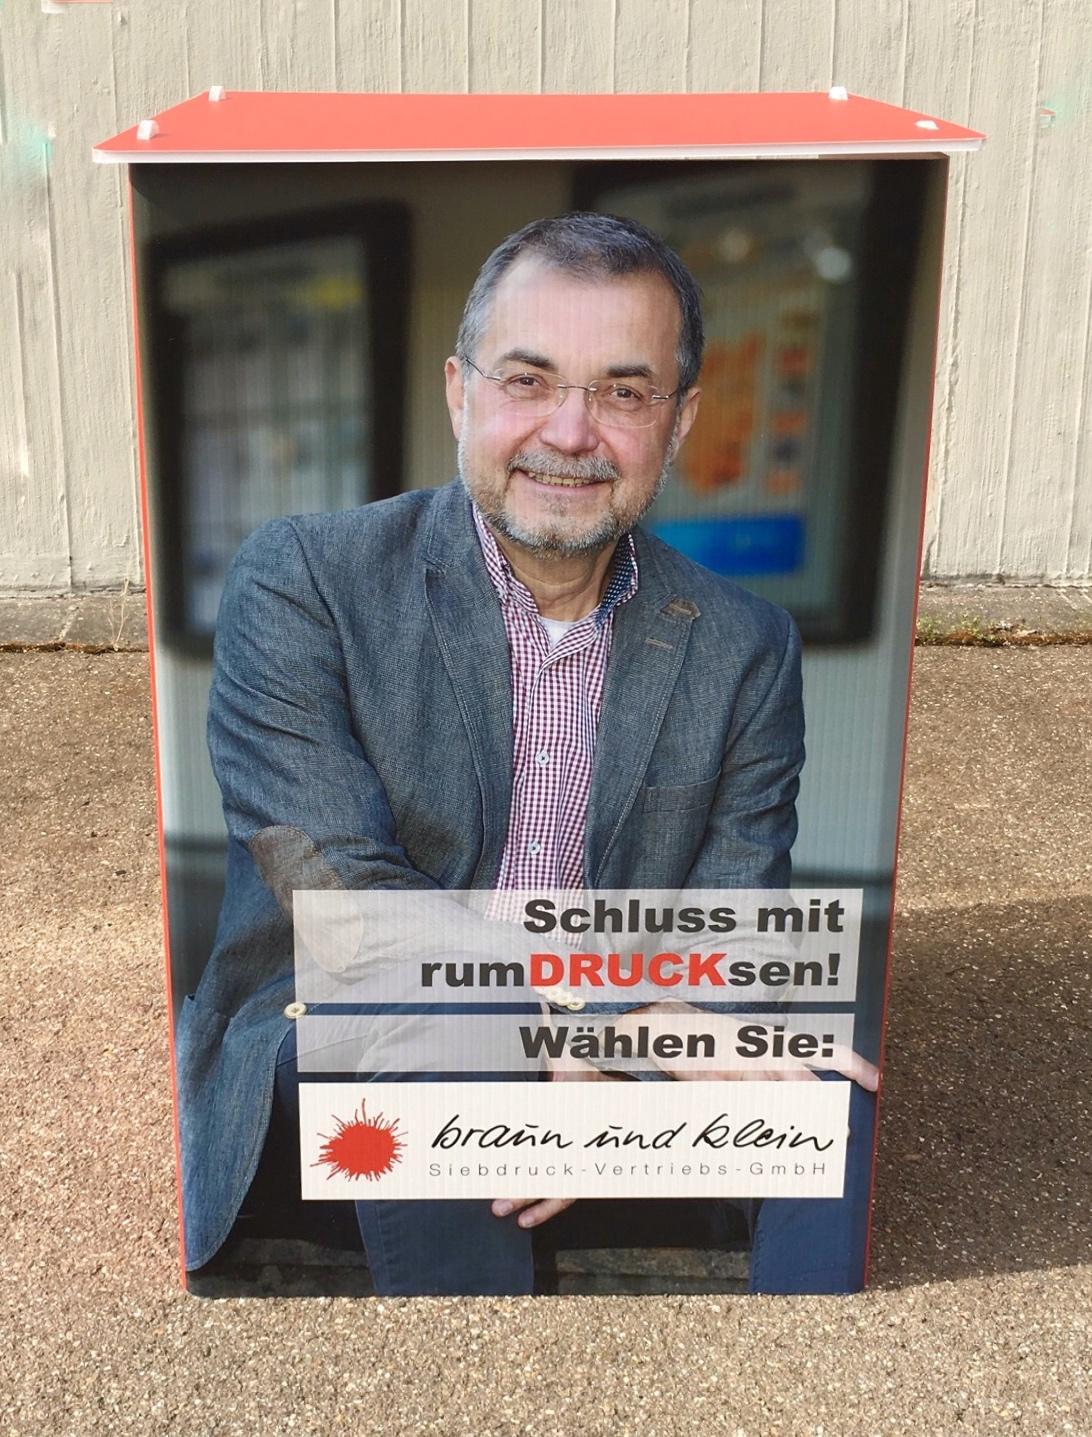 Wahlkampf Counter